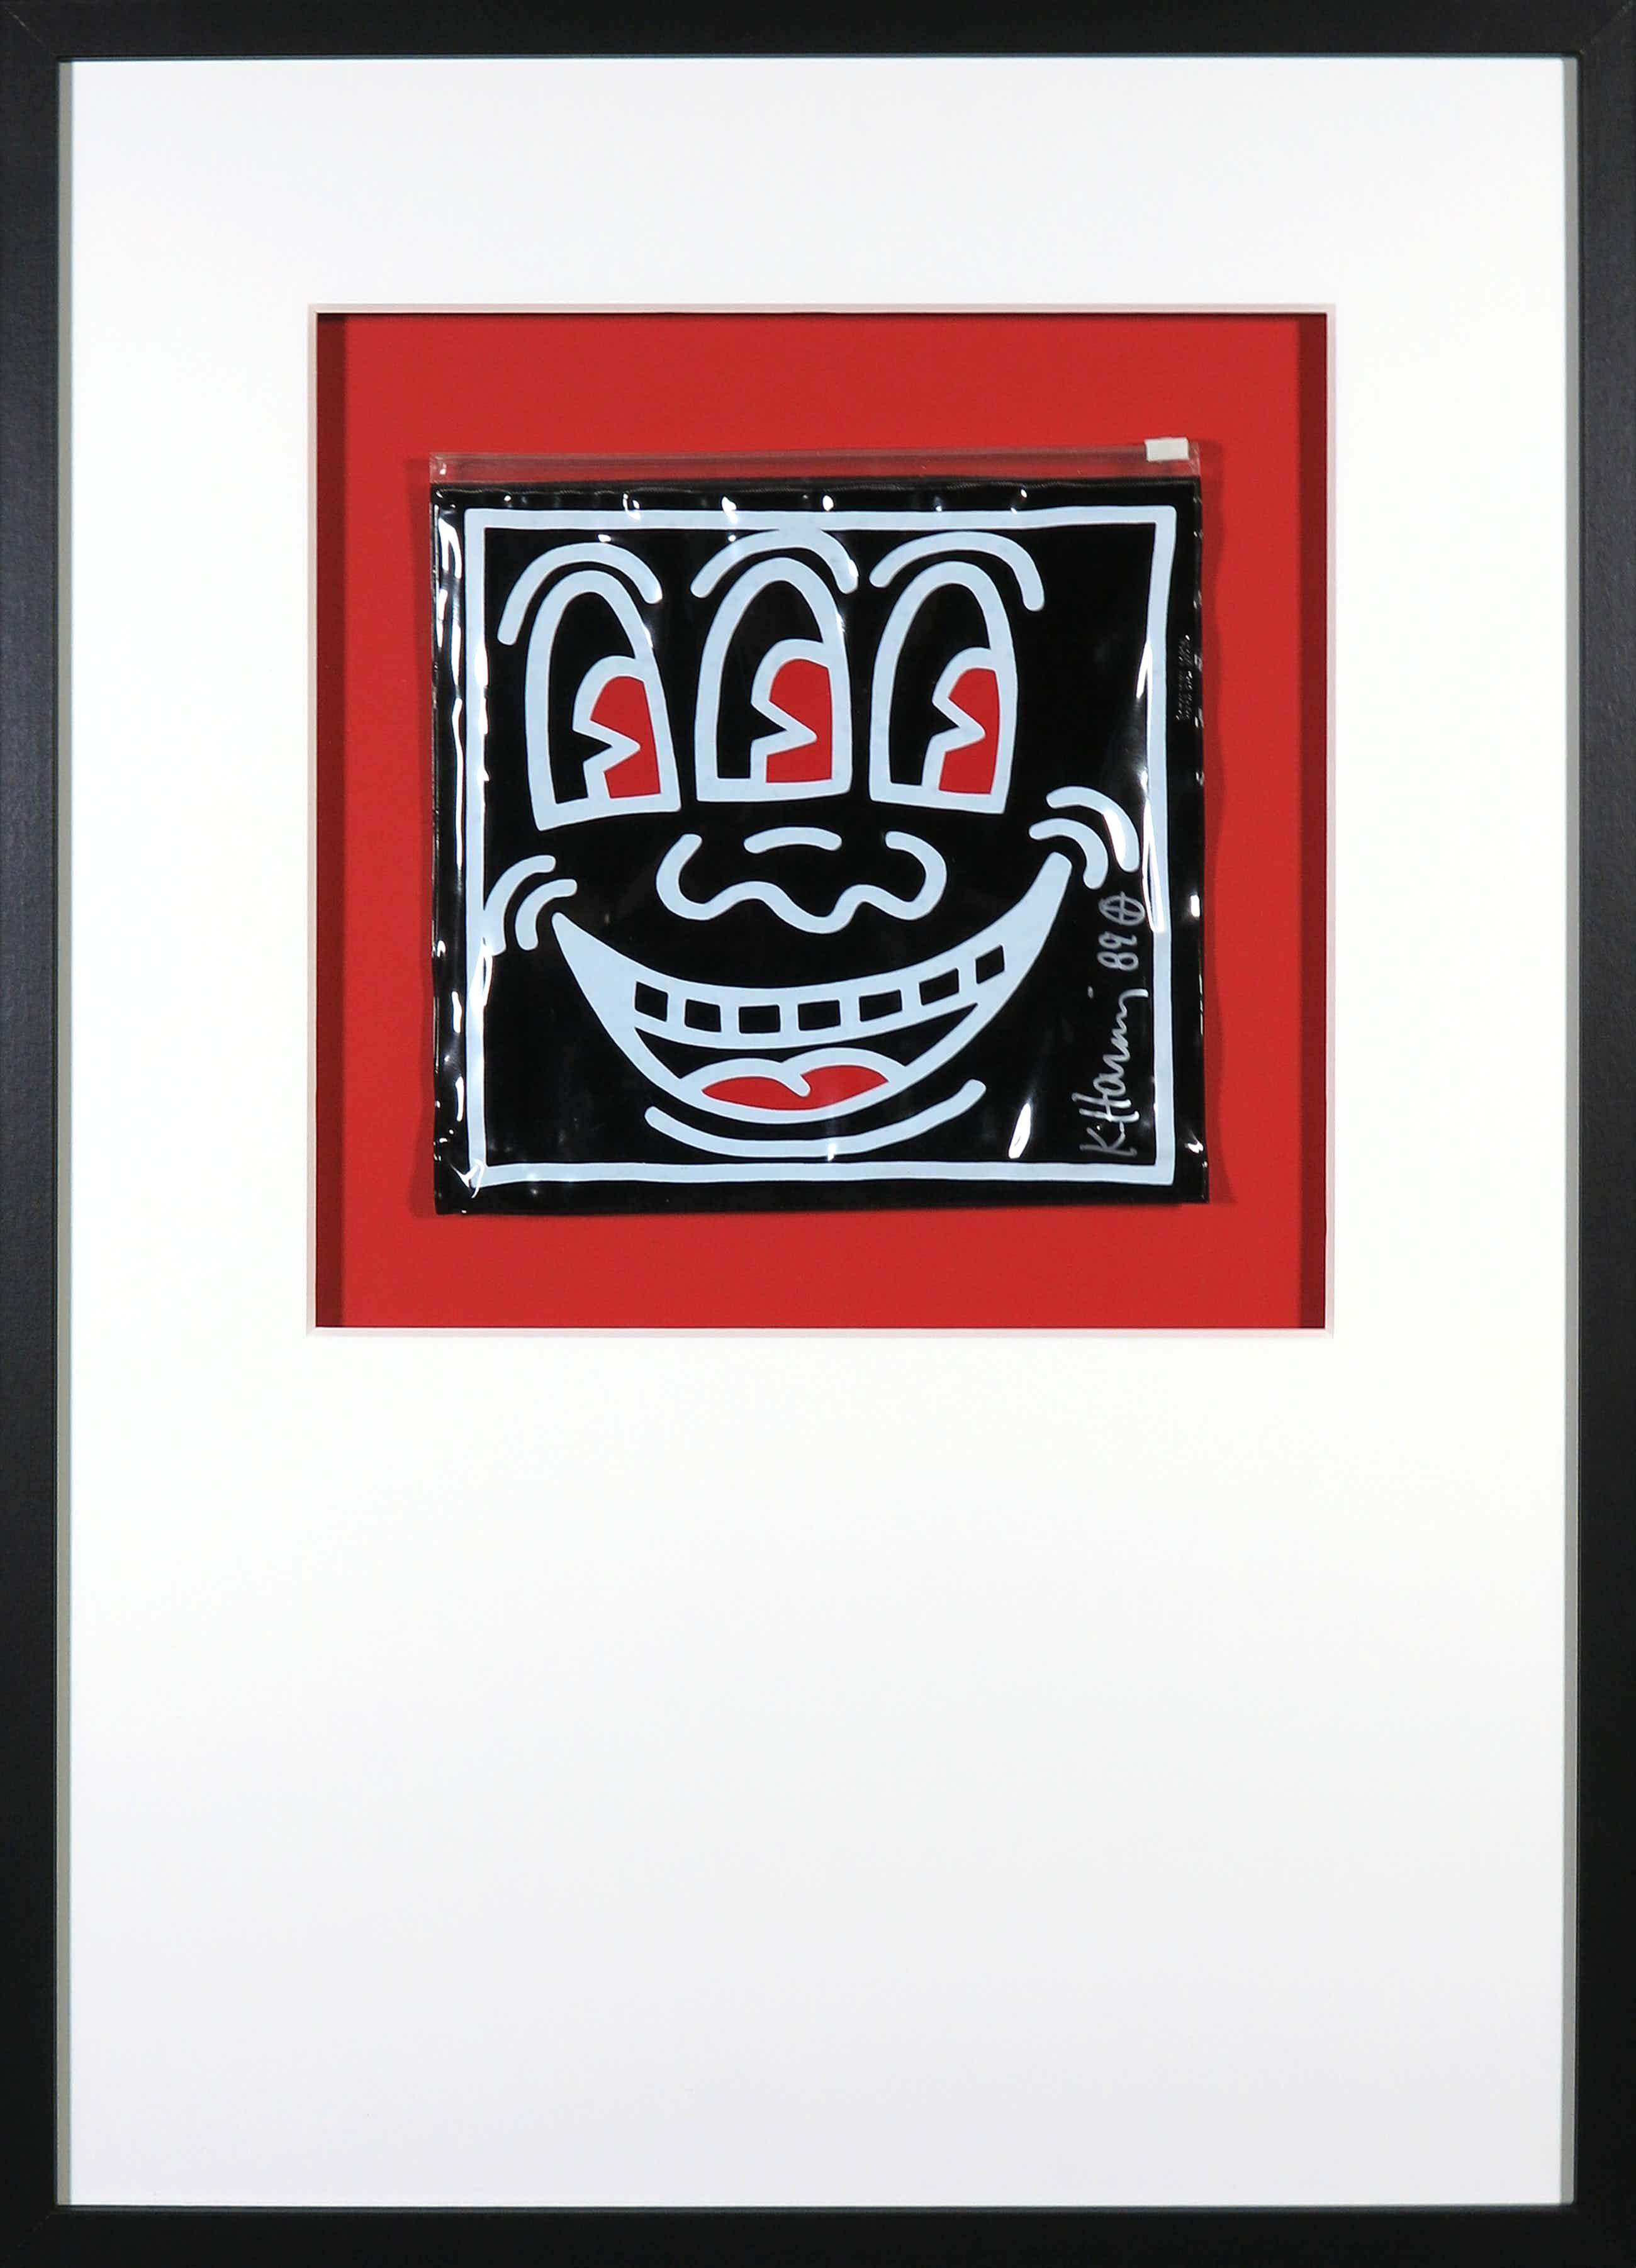 Keith Haring - Handgesigneerde Pop Shop toilettas - Ingelijst kopen? Bied vanaf 611!